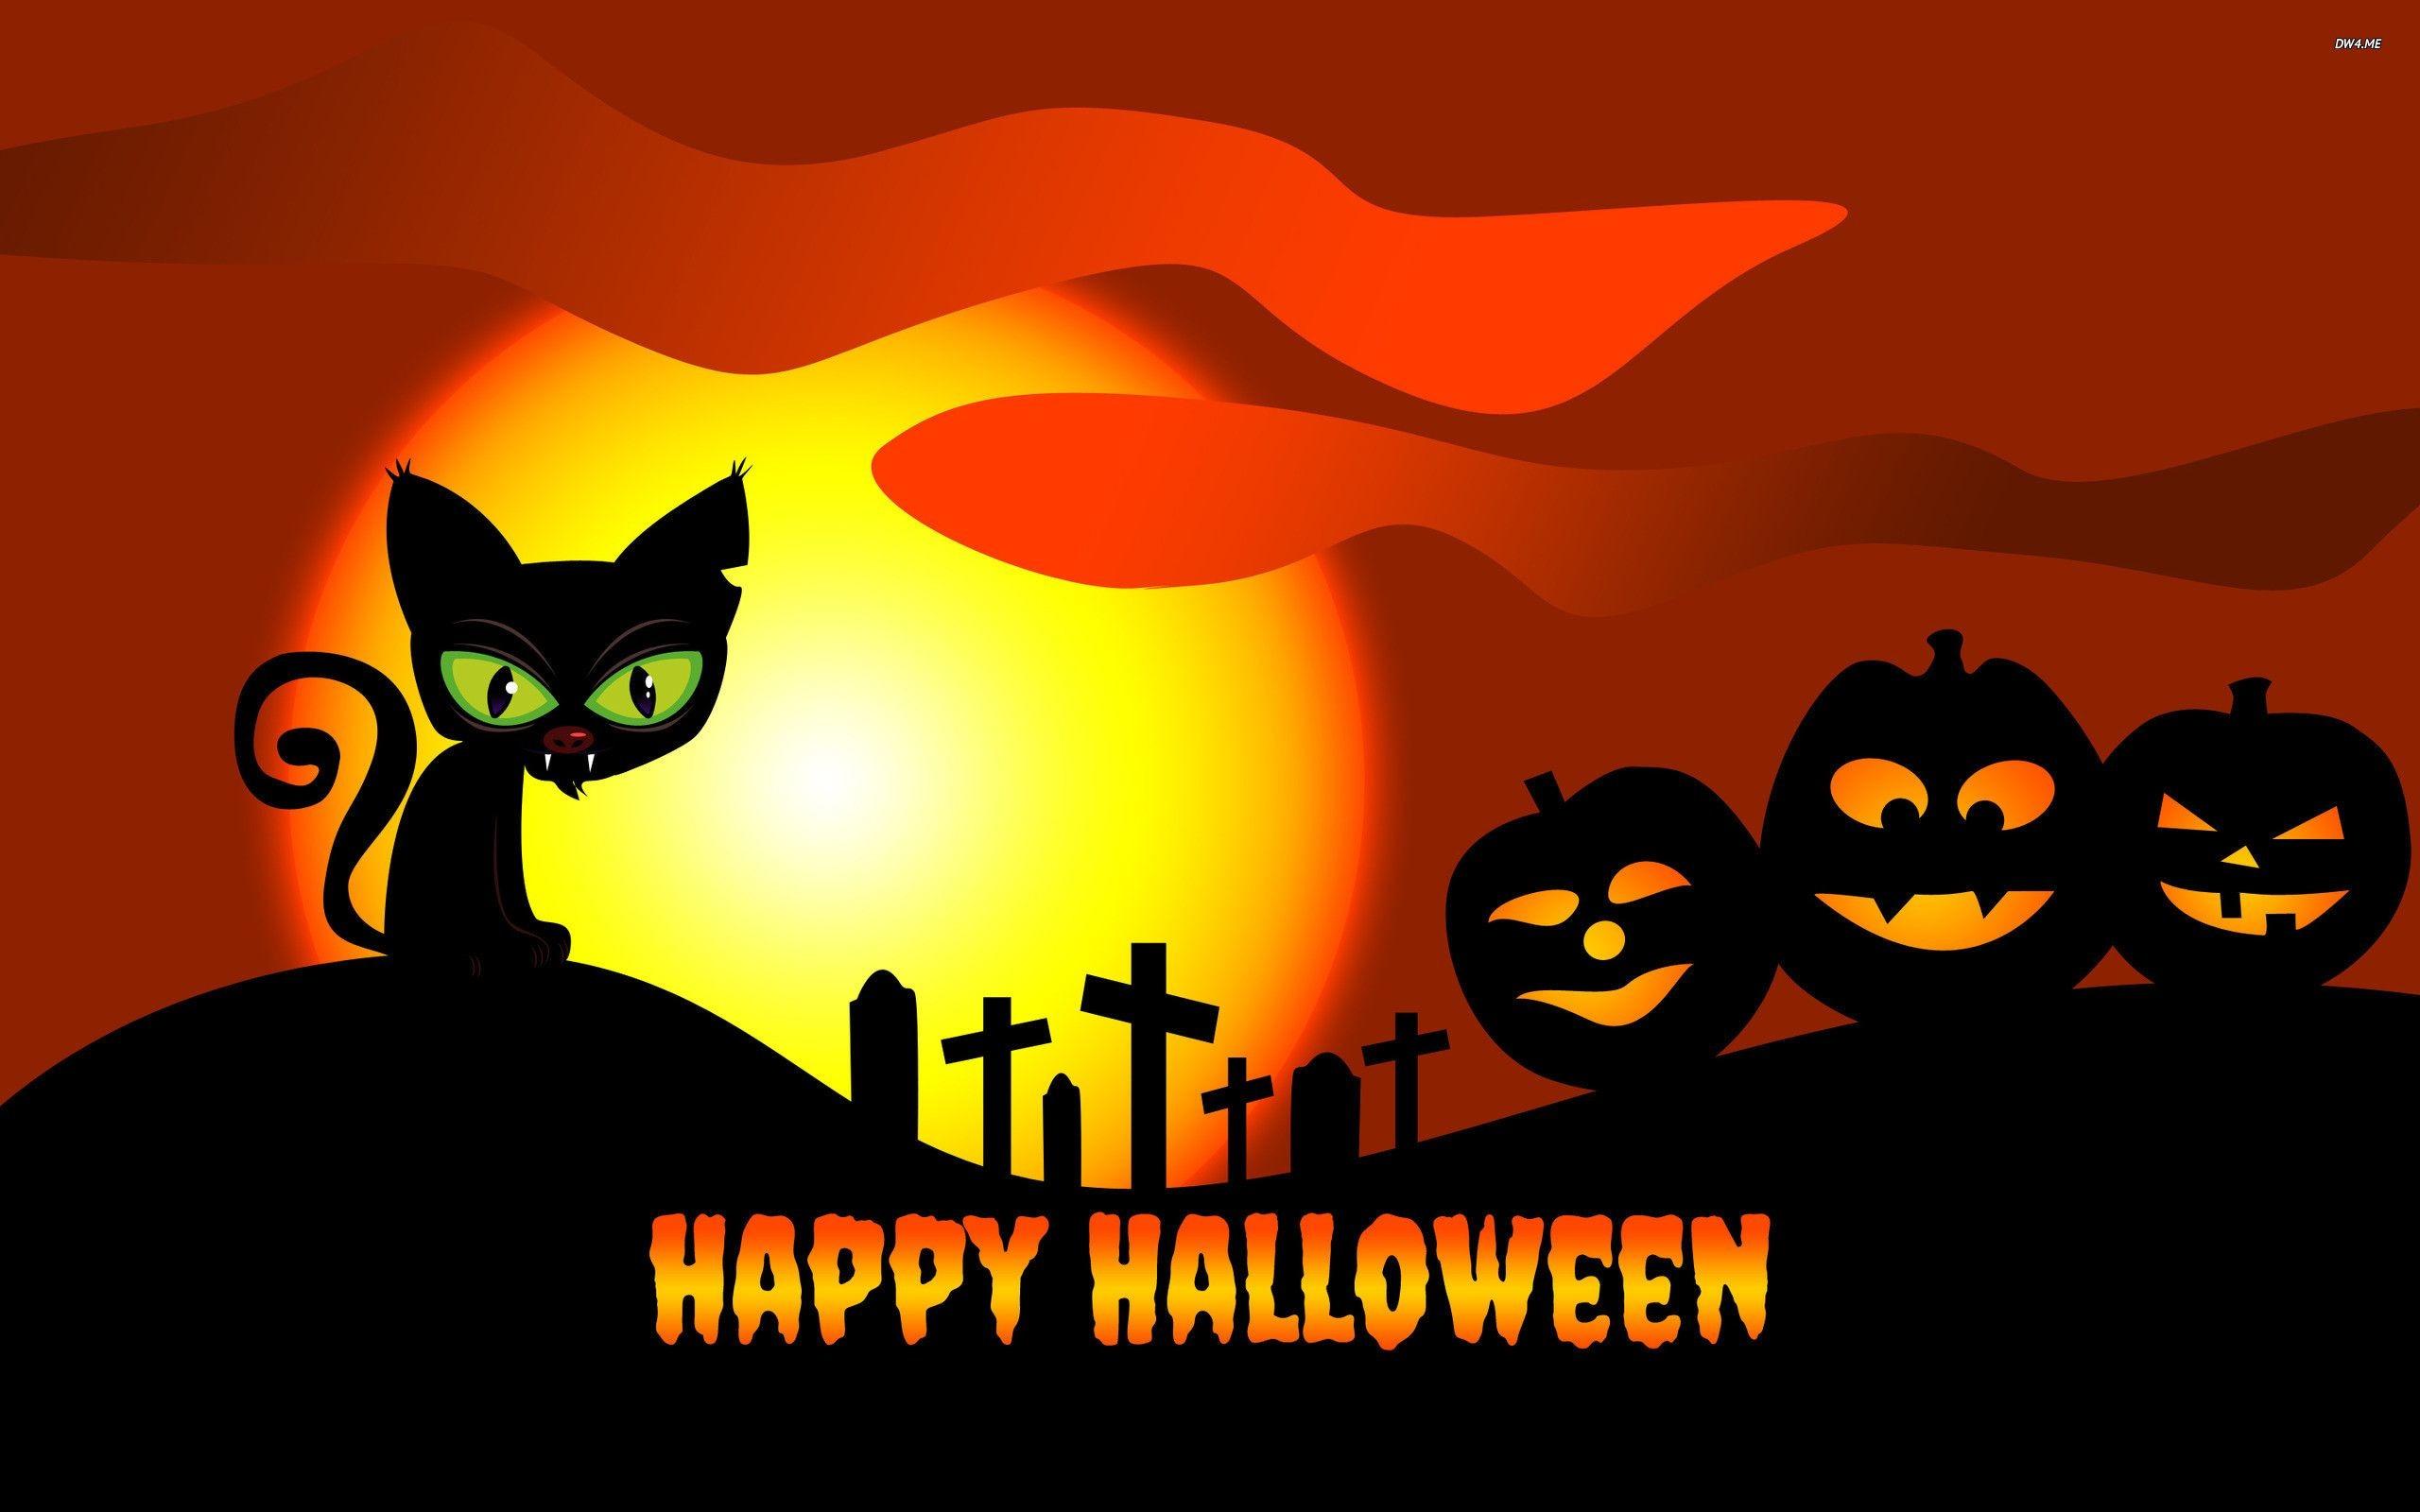 Happy Halloween Wallpaper